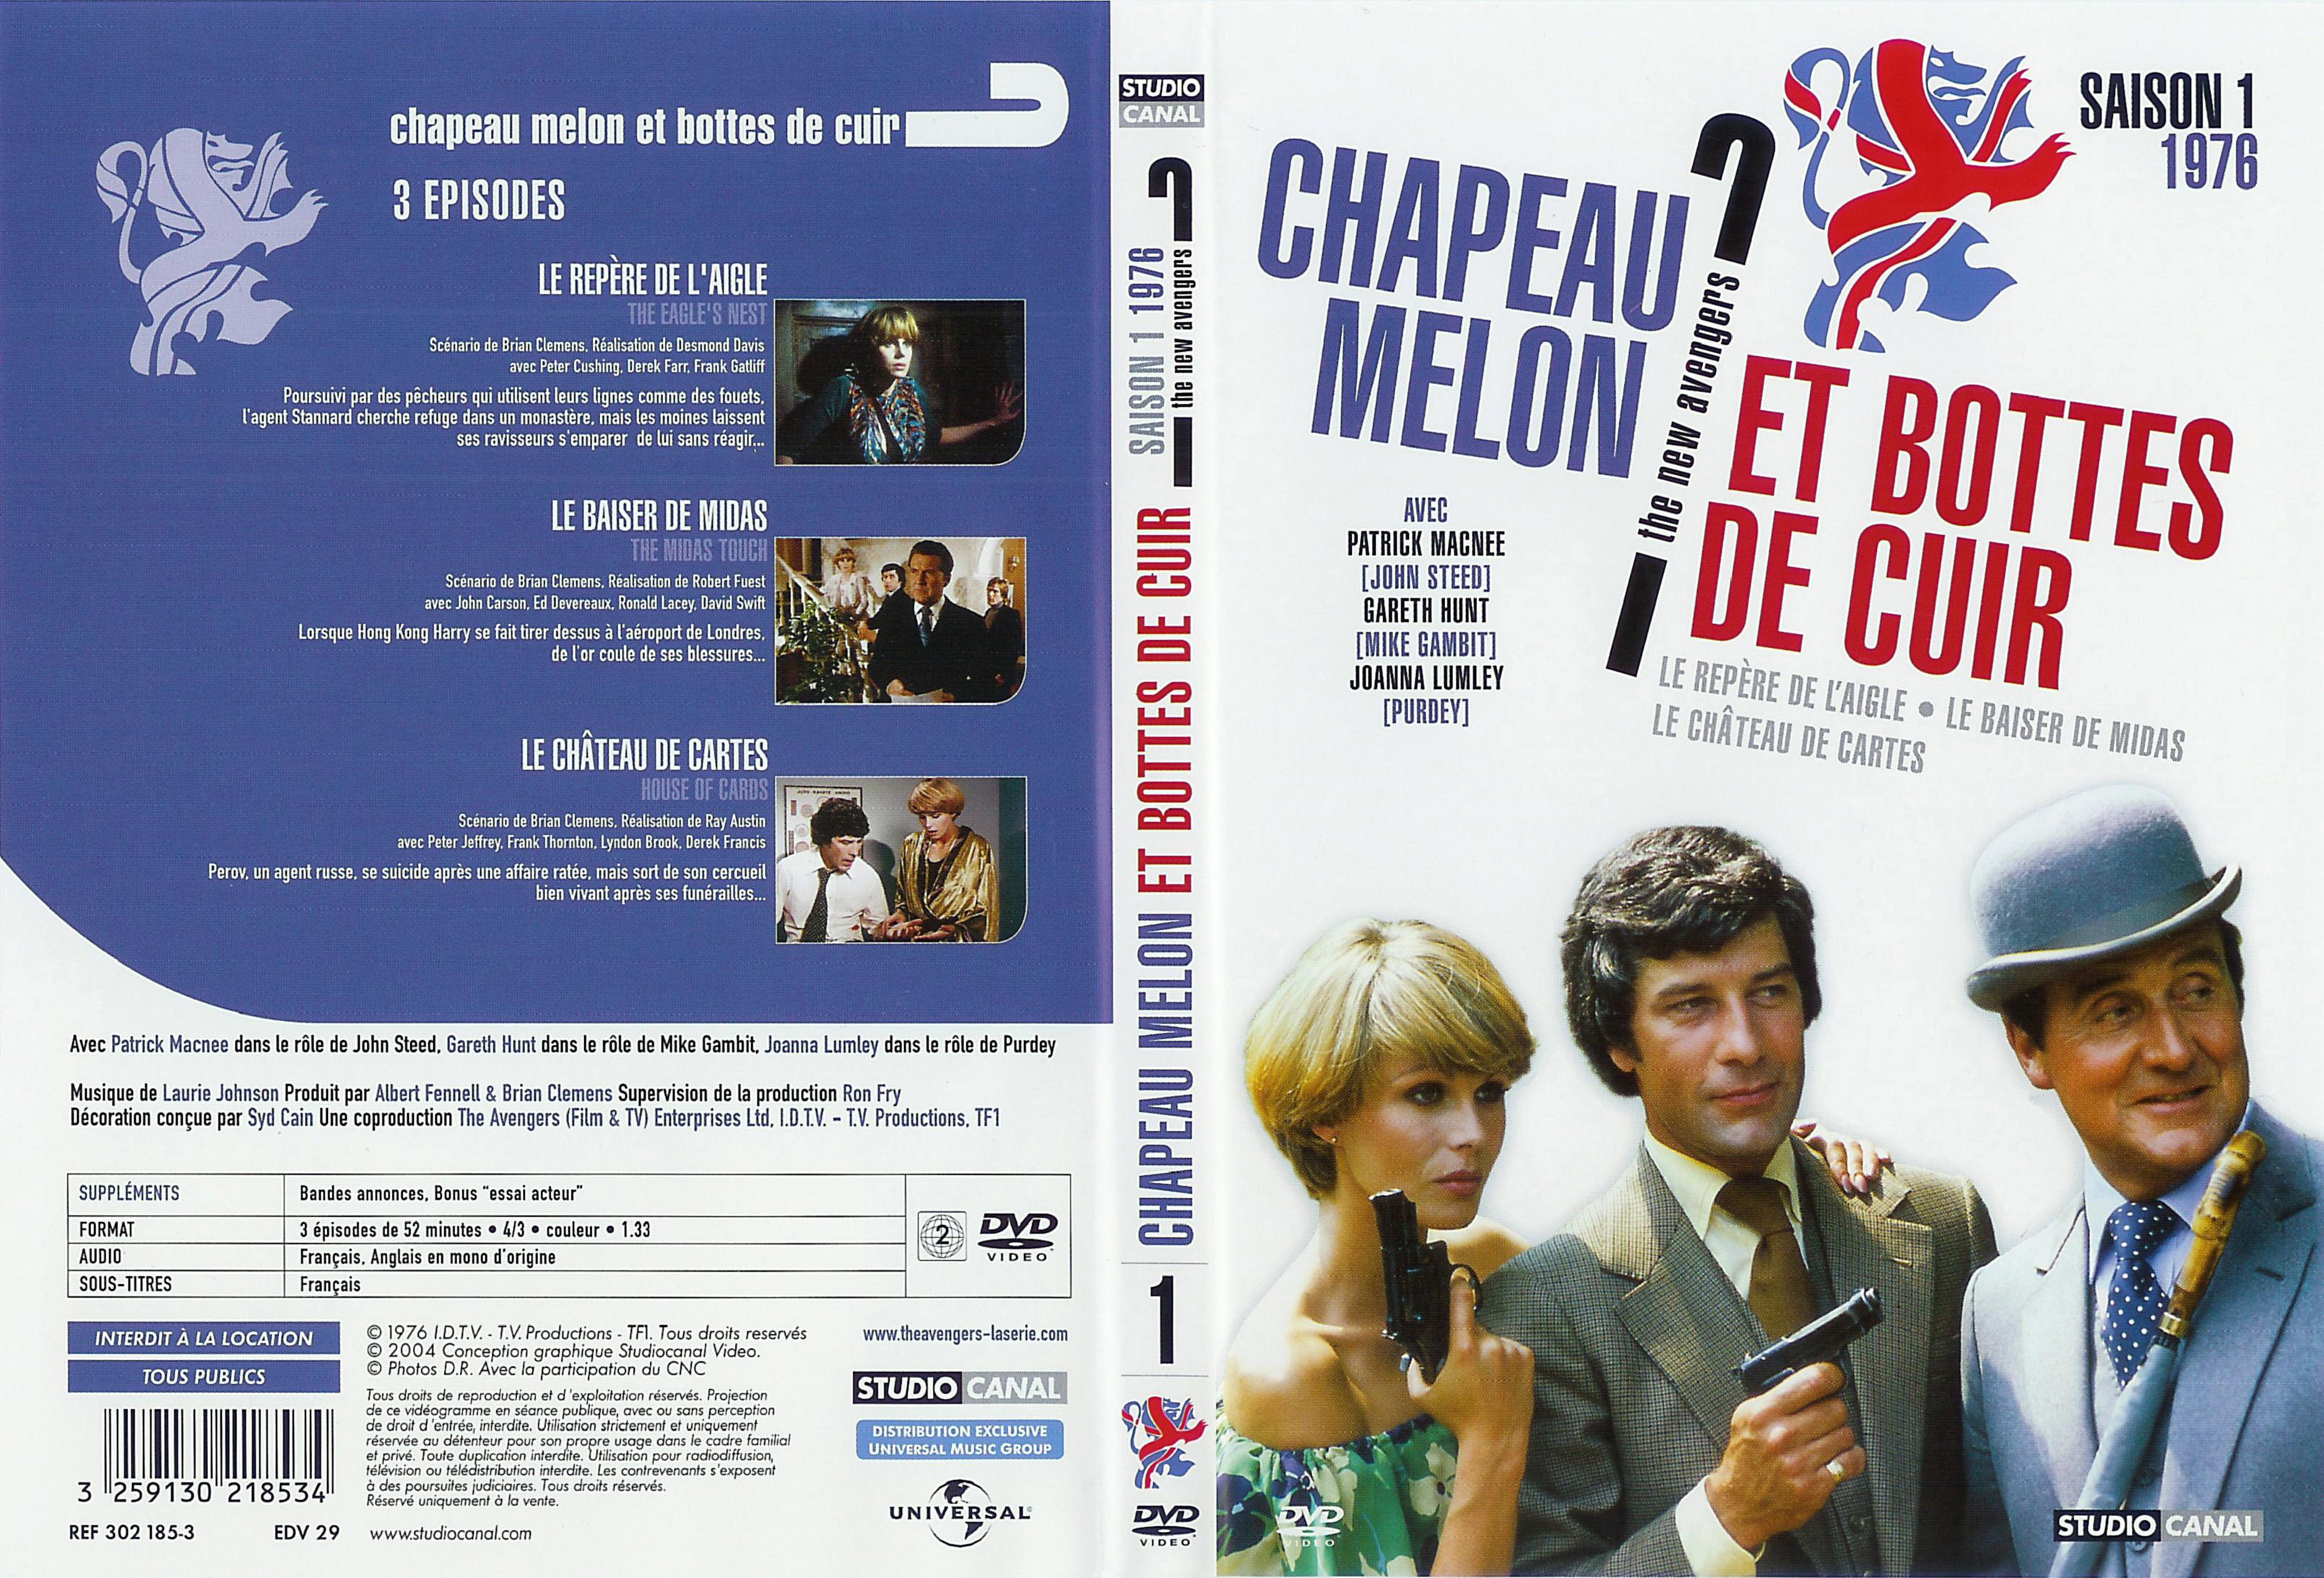 Chapeau melon et bottes de cuir 1976 vol 1 covers - Chapeau melon et bottes de cuir purdey ...